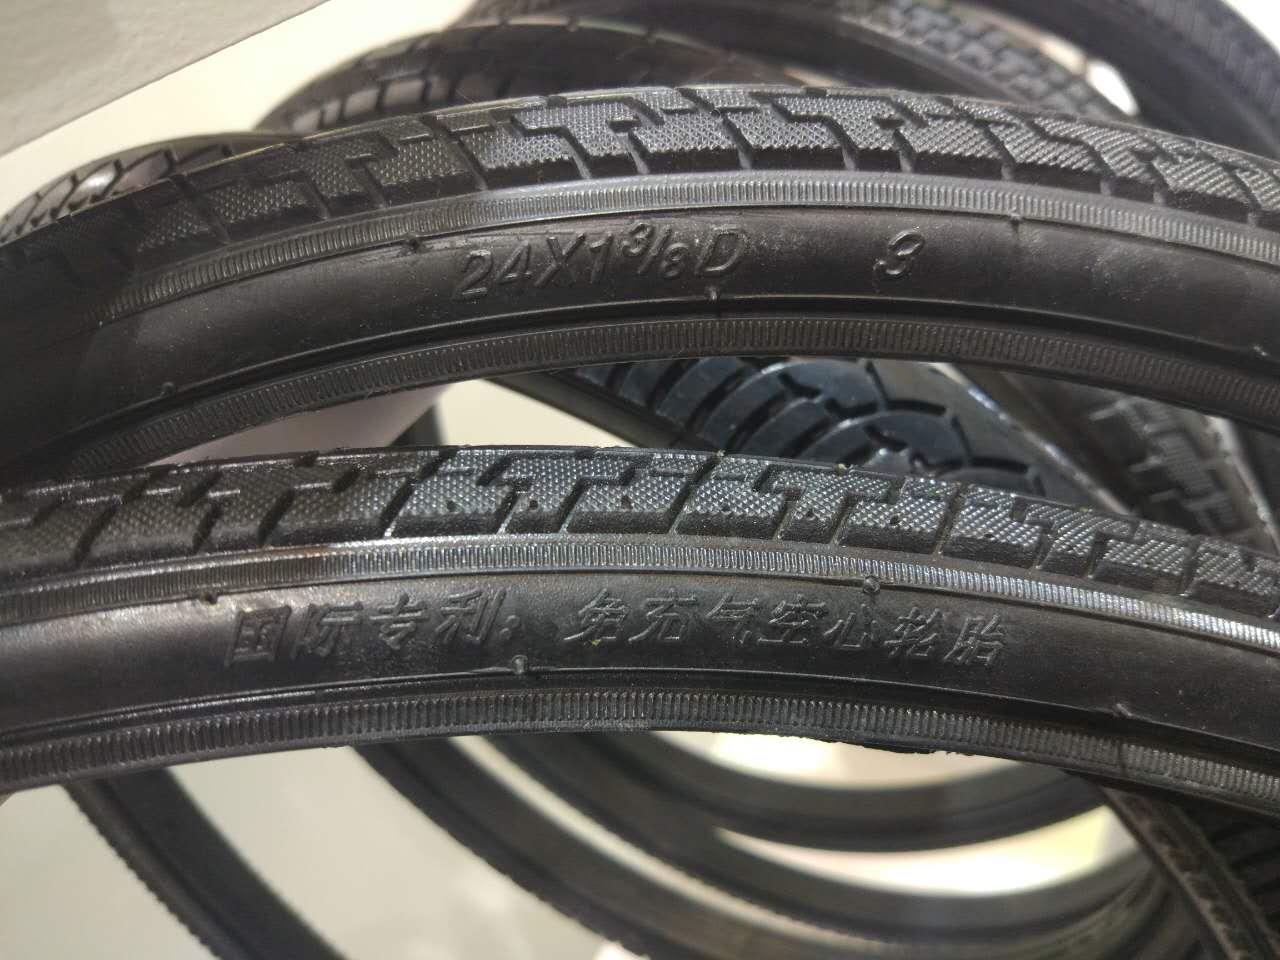 摩拜单车也在用,这家轮胎公司如何在代步出行行业独领风骚?-唯轮网